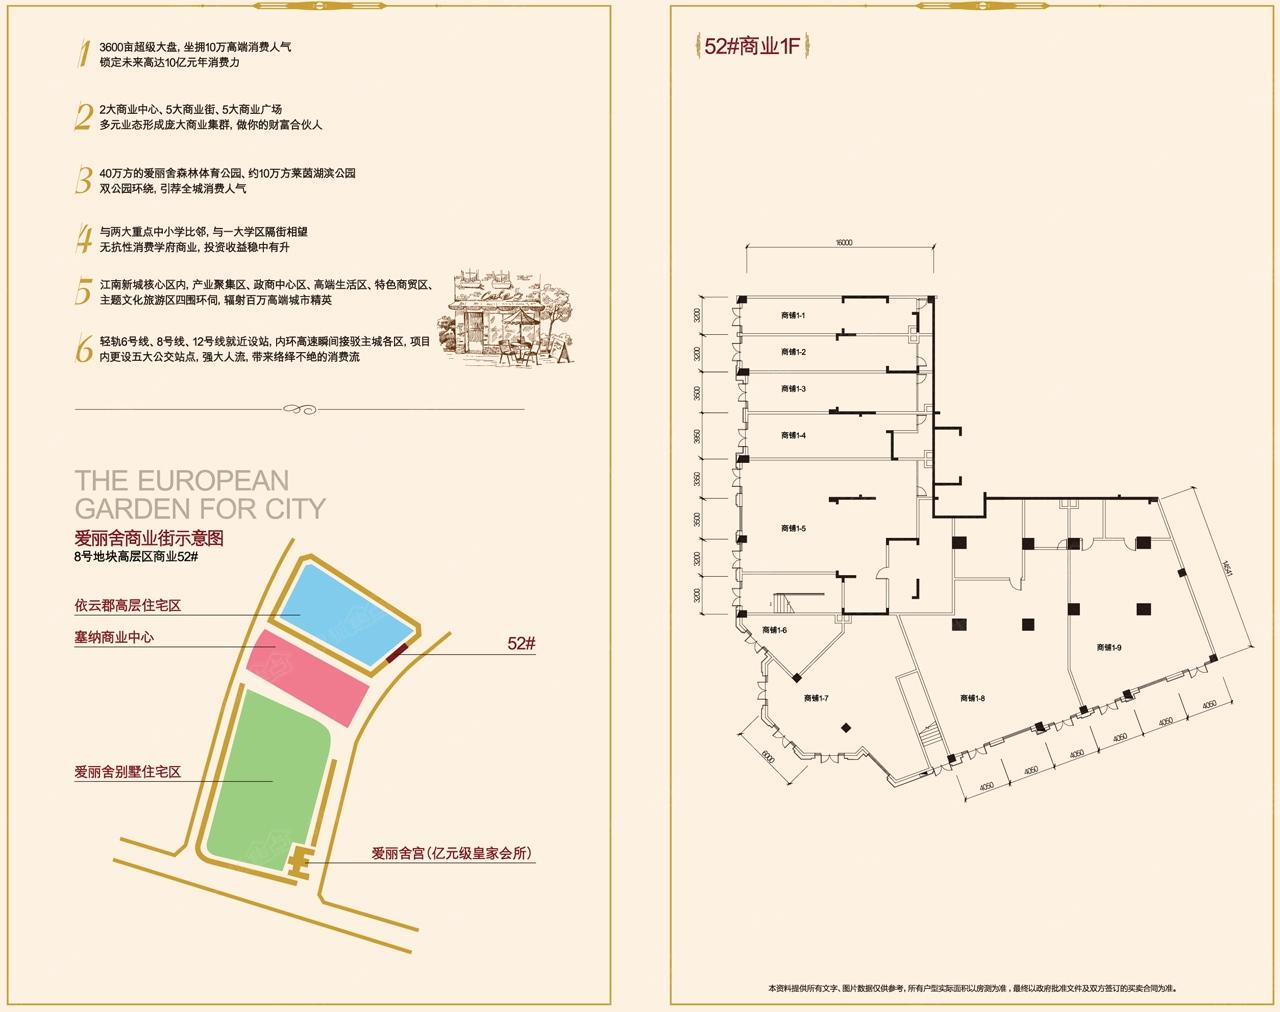 融创欧麓花园城爱丽舍宫商业街52#1f平面户型图户型